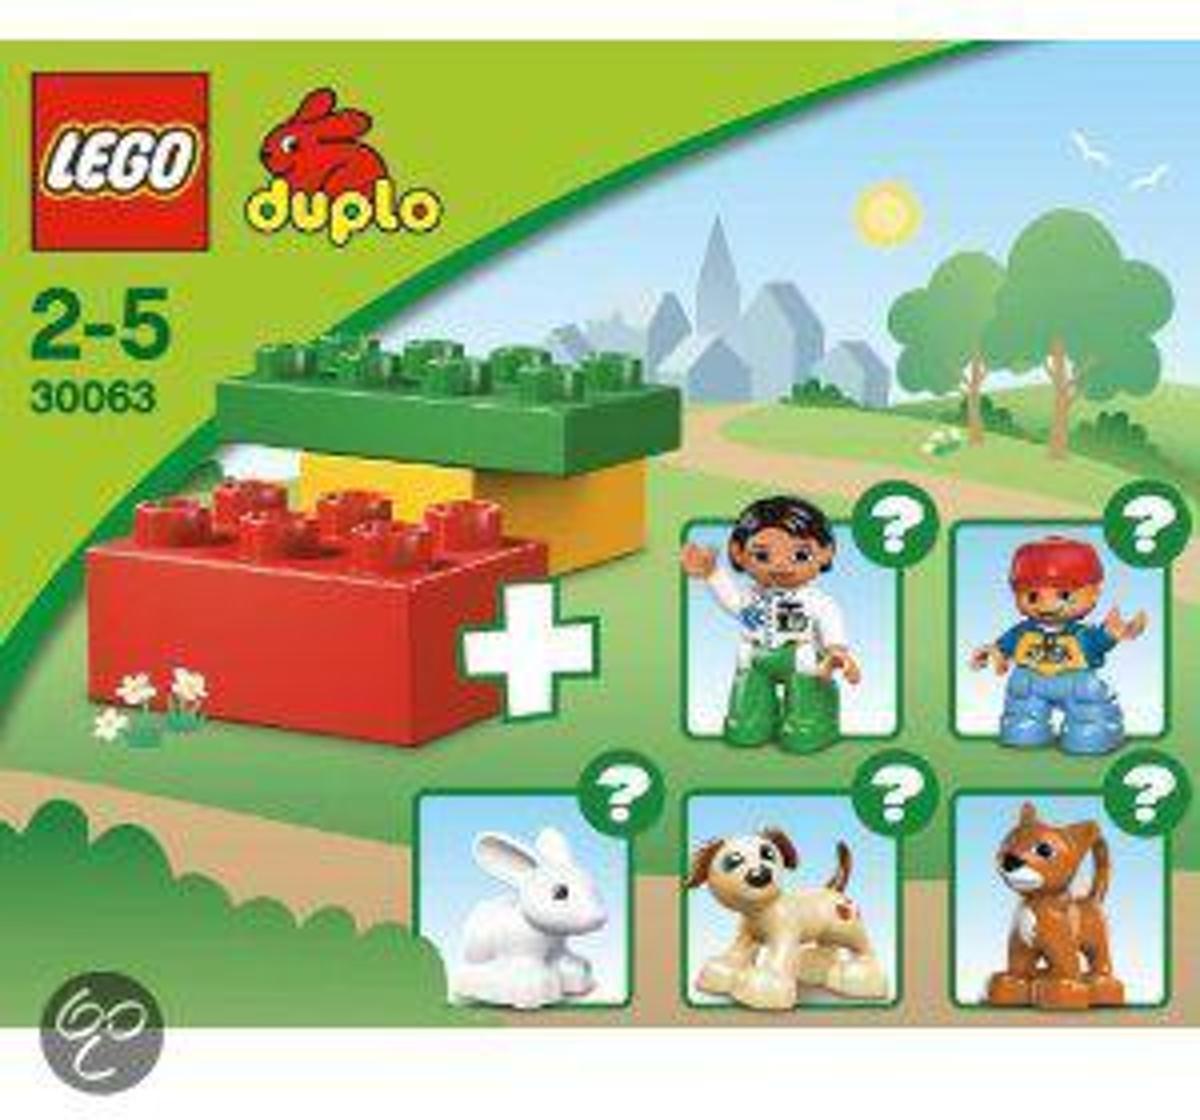 Lego Duplo 30063 (Polybag)